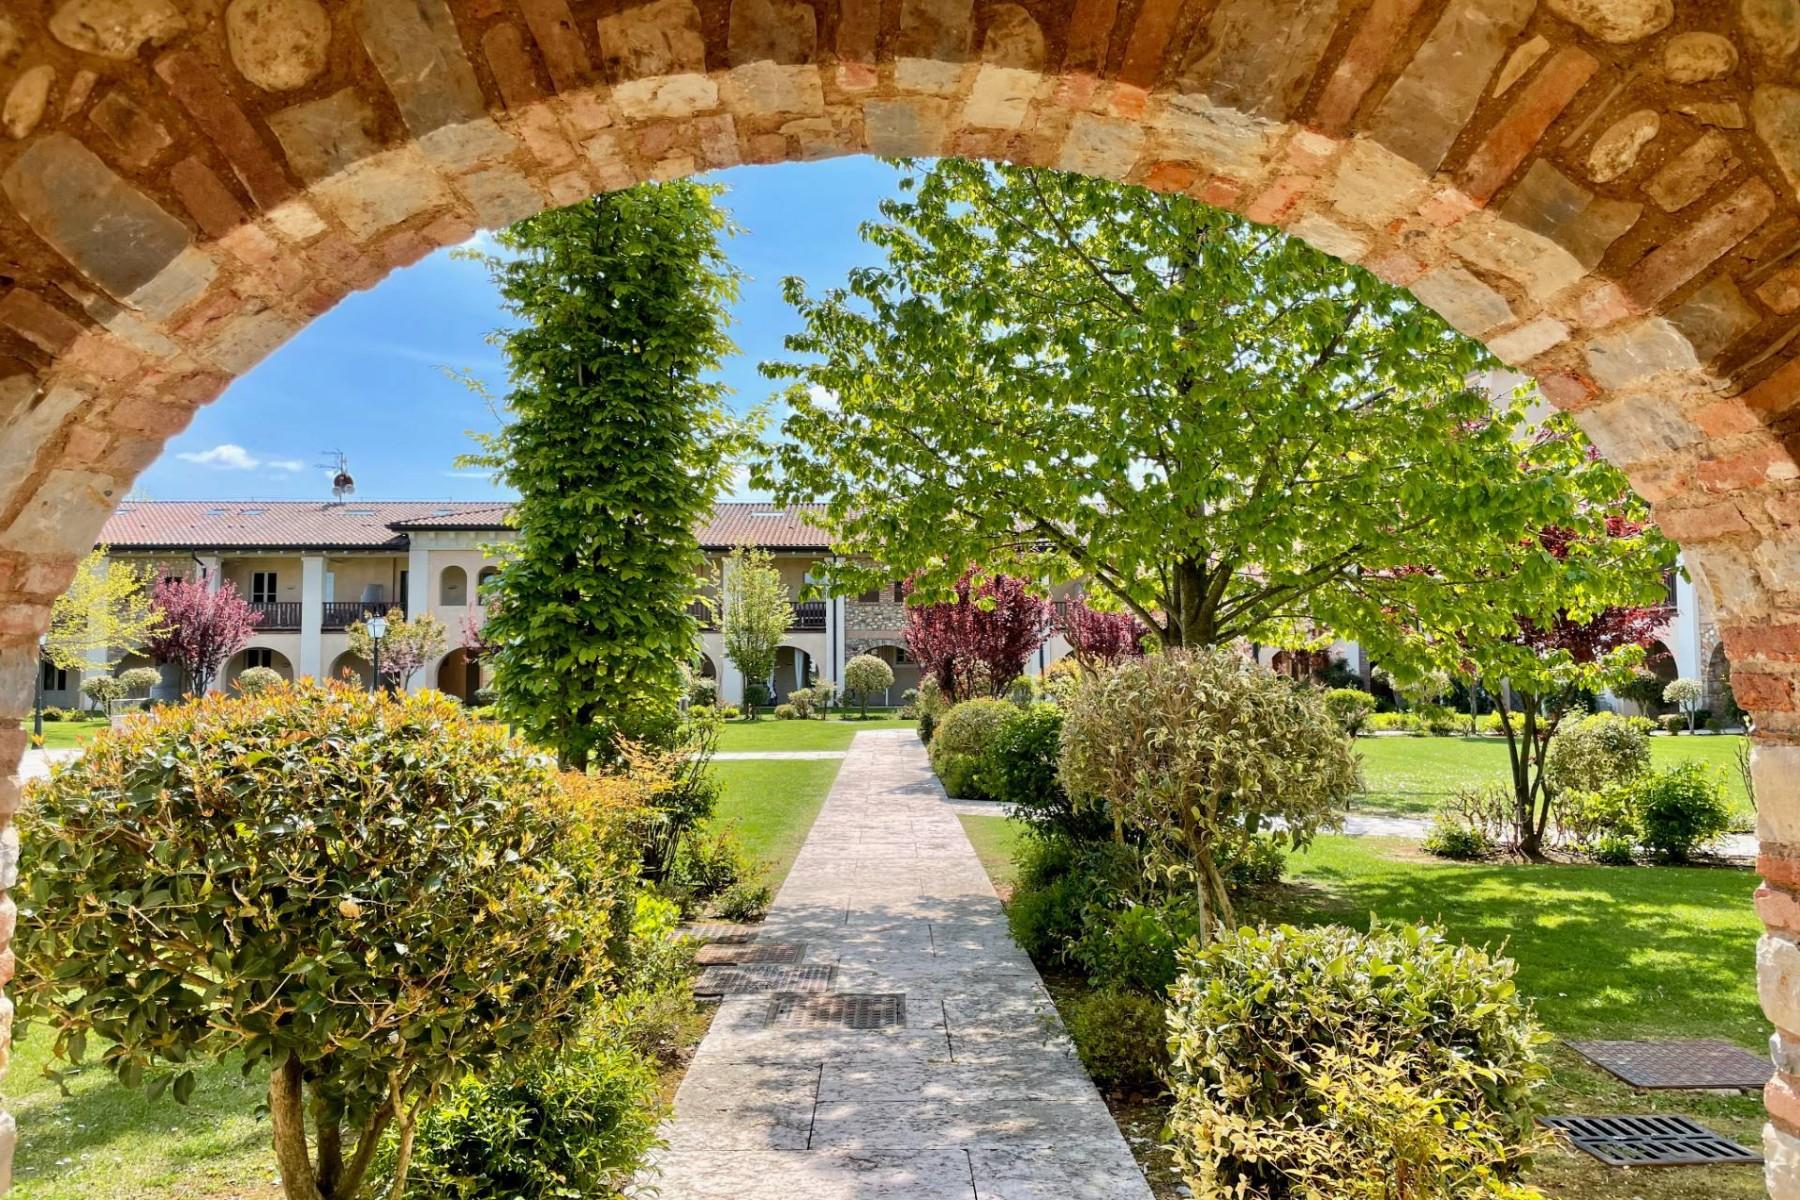 Appartamento in Vendita a Pozzolengo: 2 locali, 67 mq - Foto 2